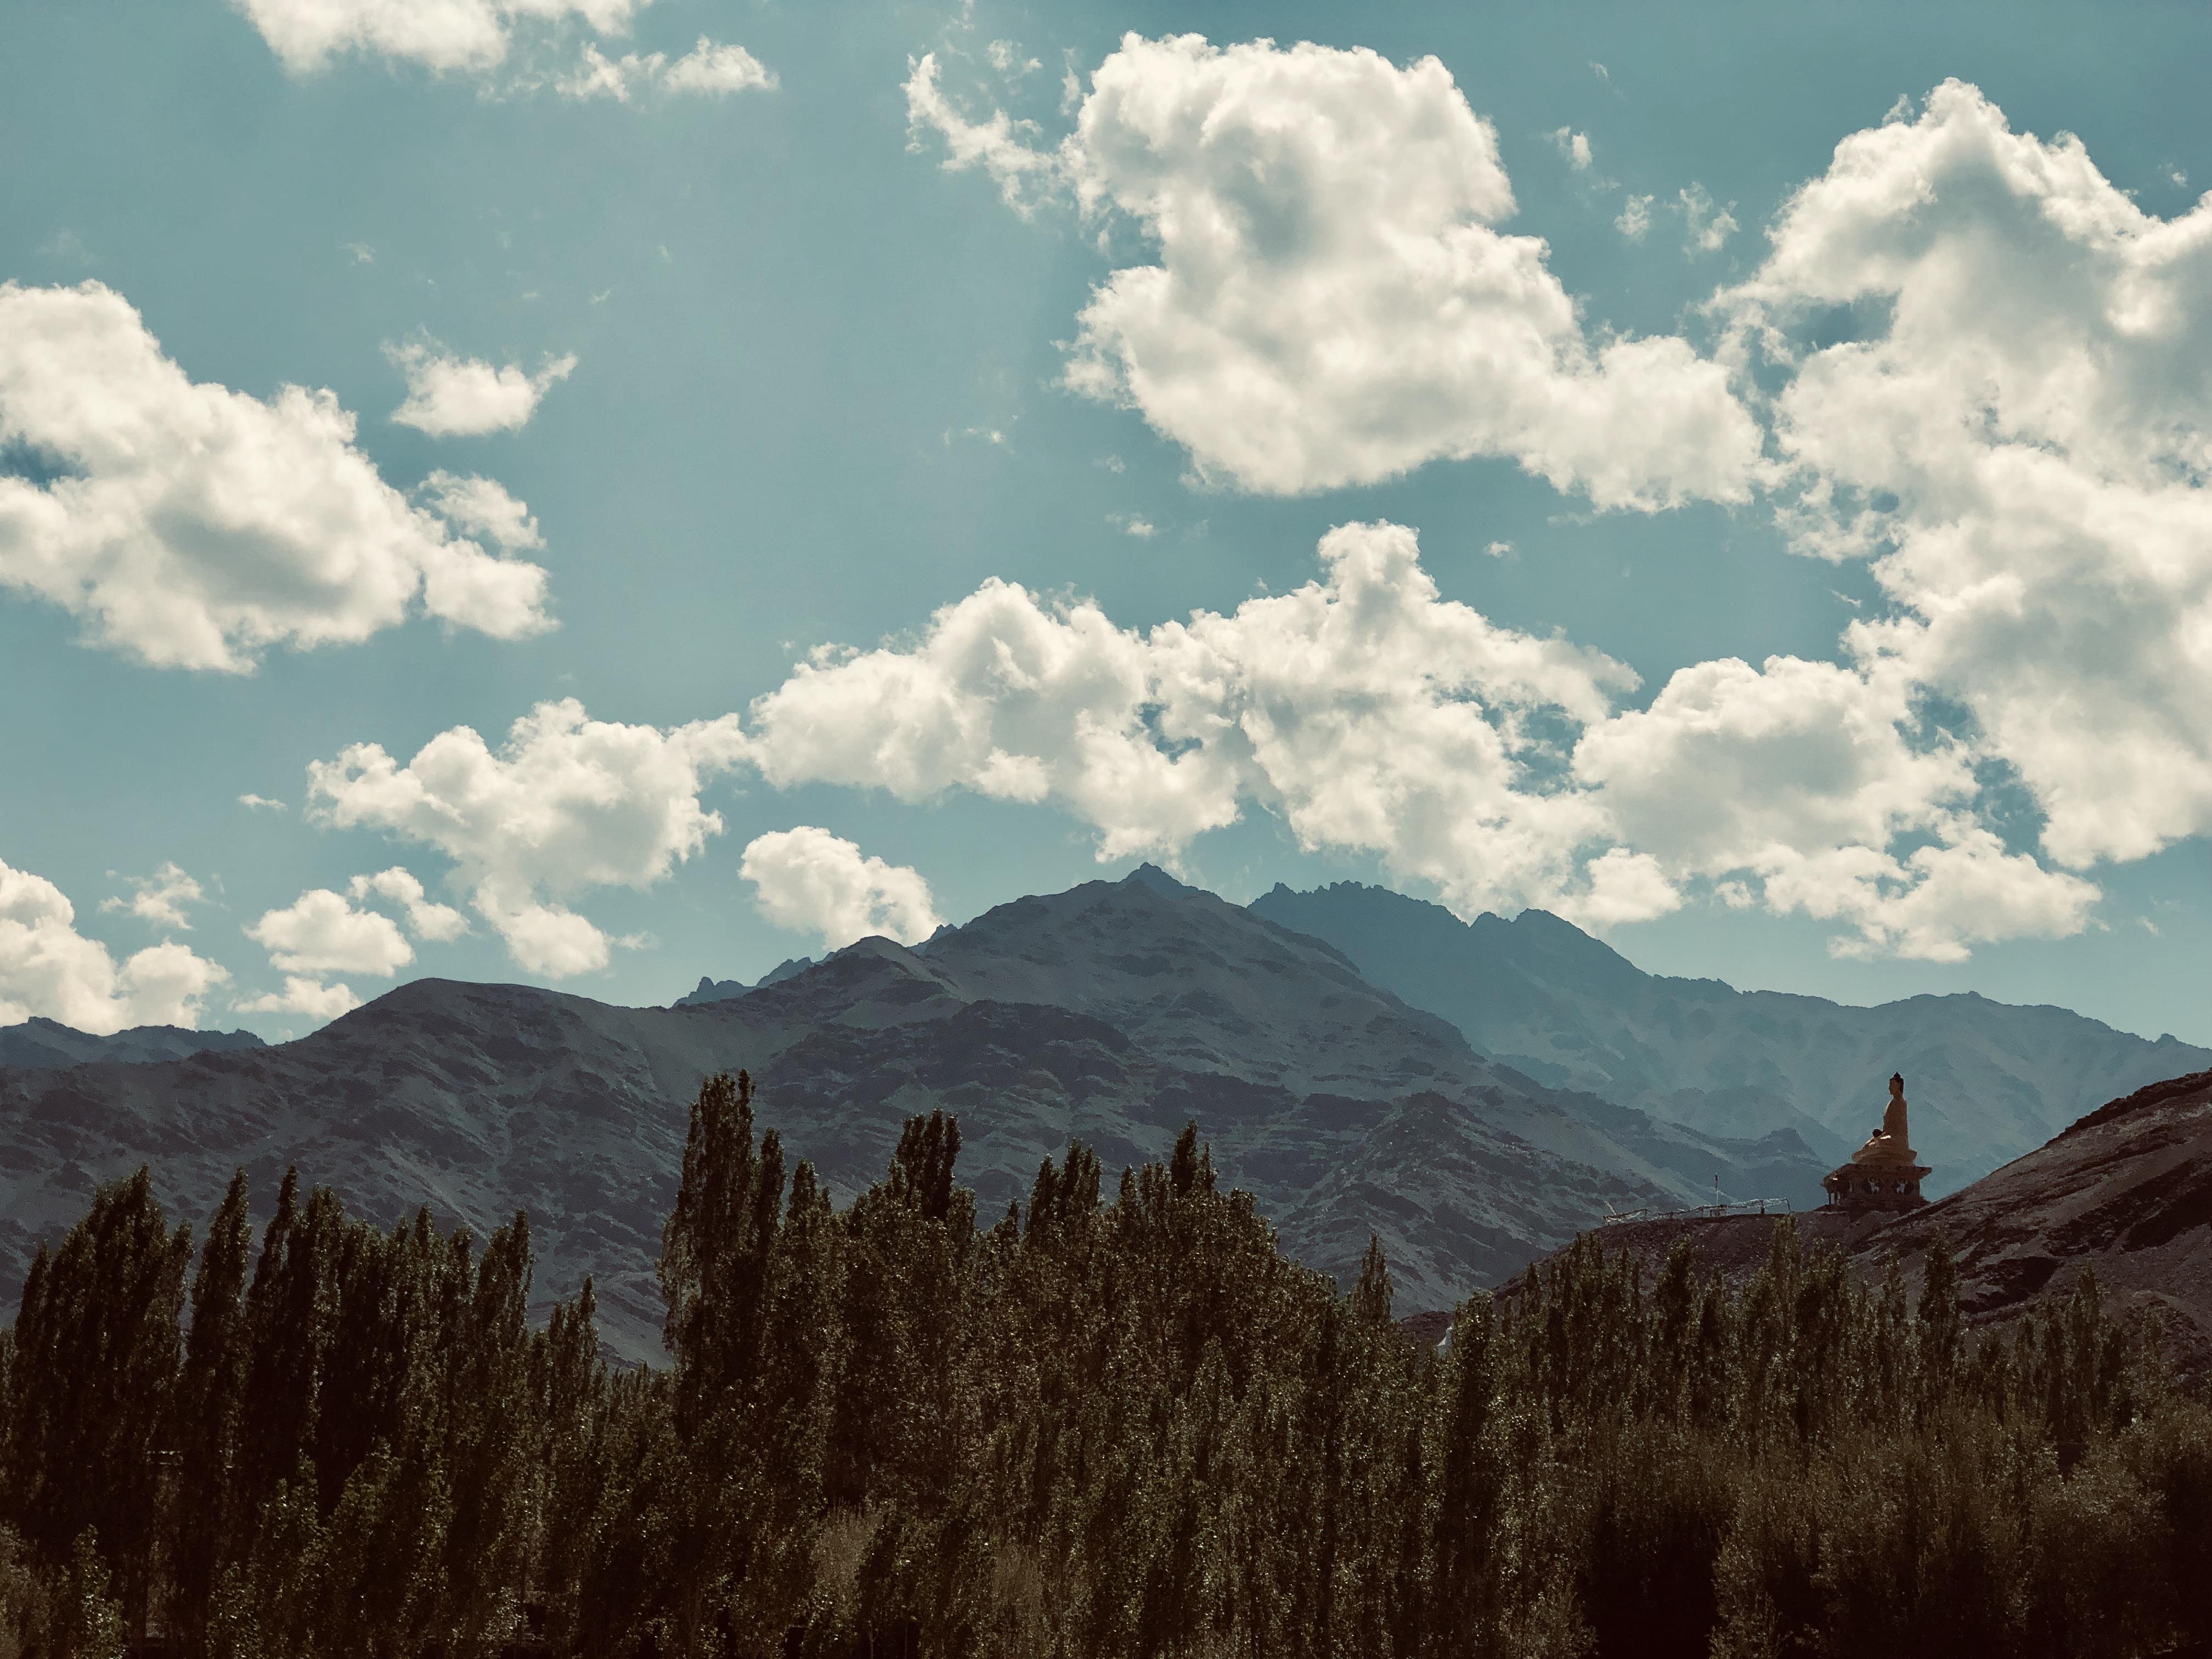 KYTA moves to Stok, Ladakh